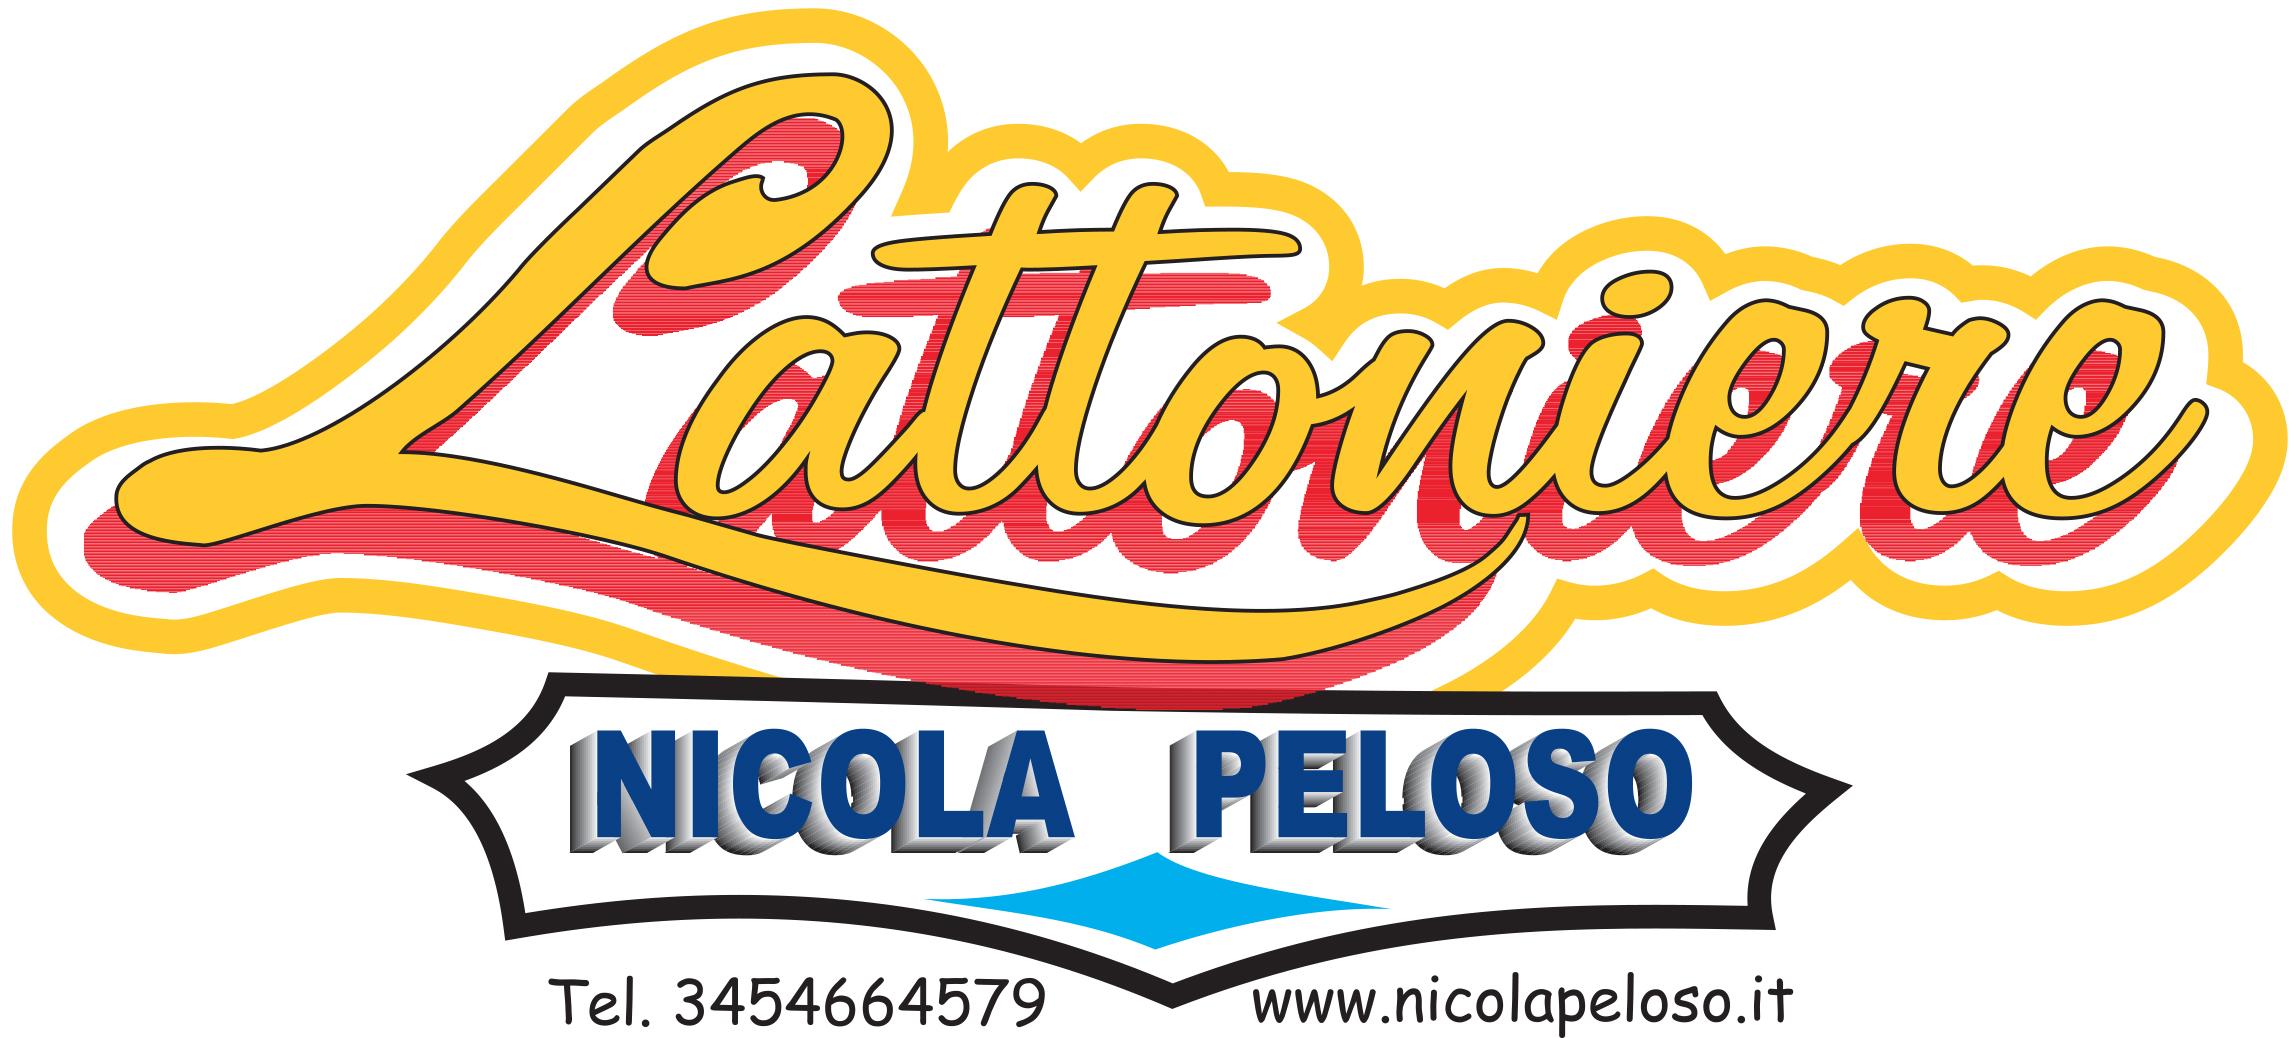 LogoPelosoNicola_2019